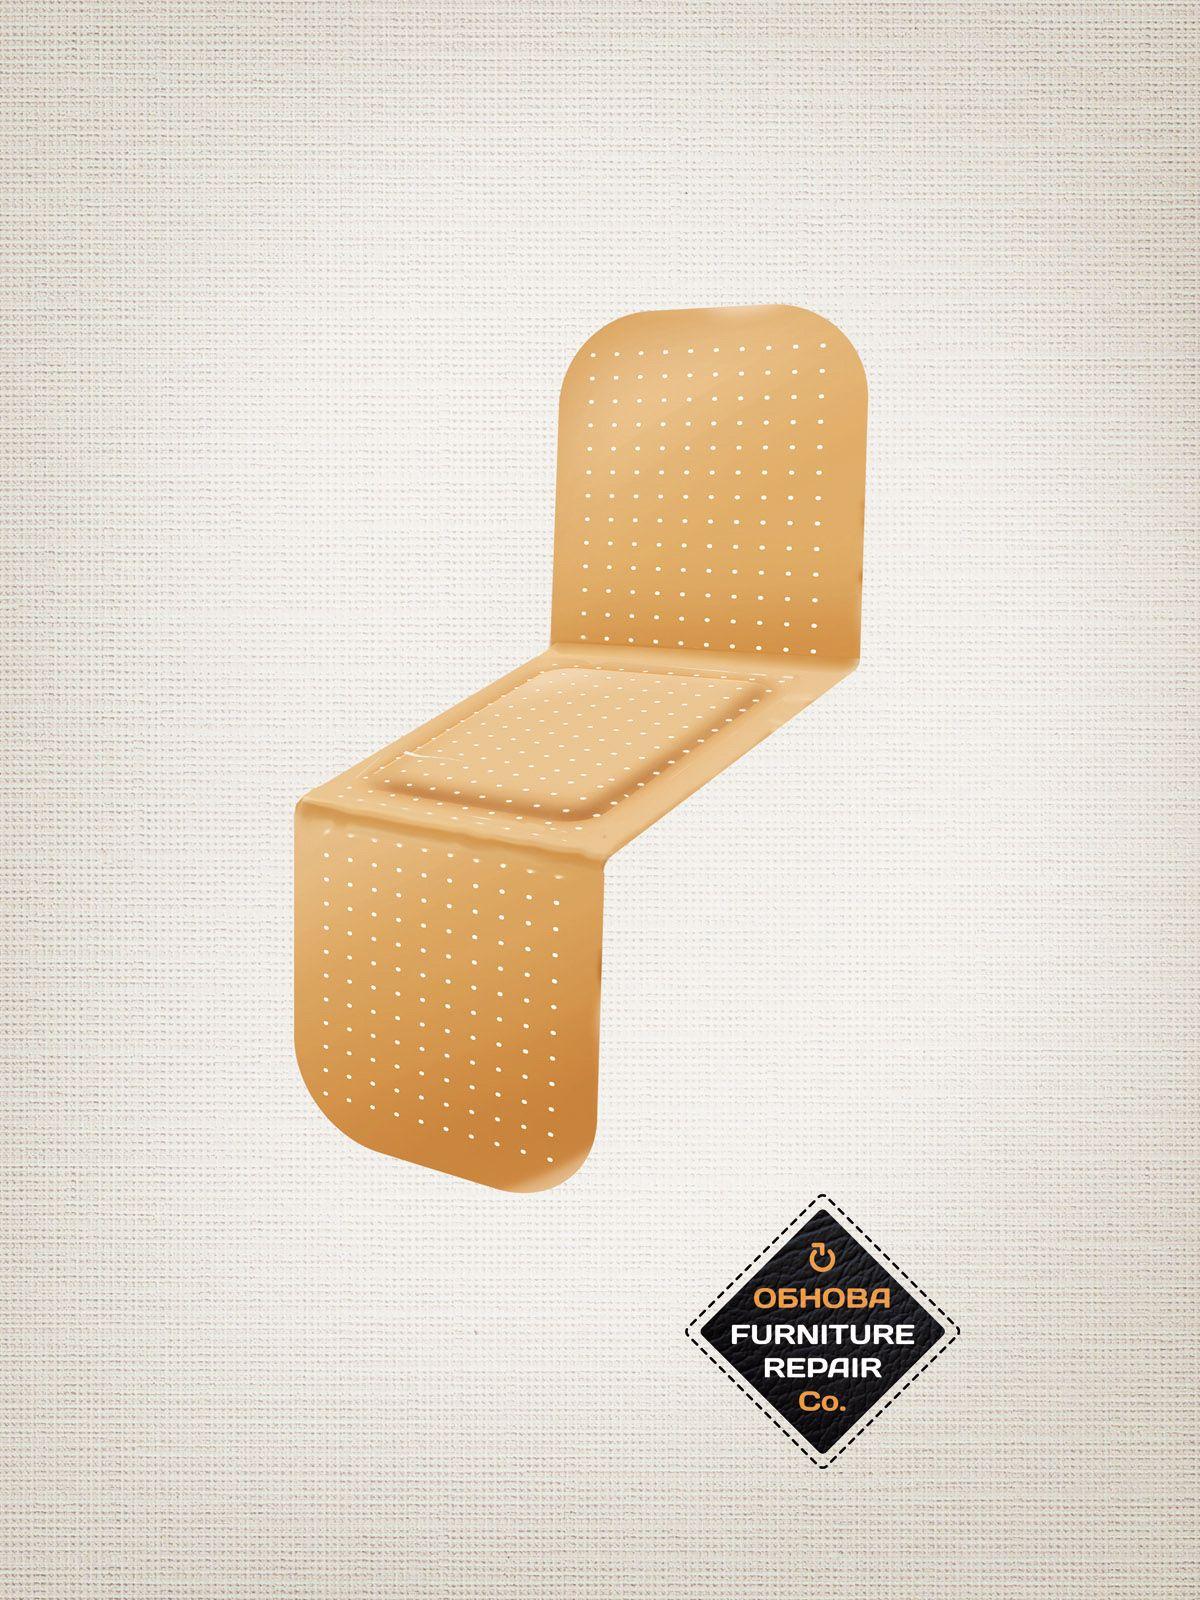 Furniture Advertising Ideas Fair Design 2018